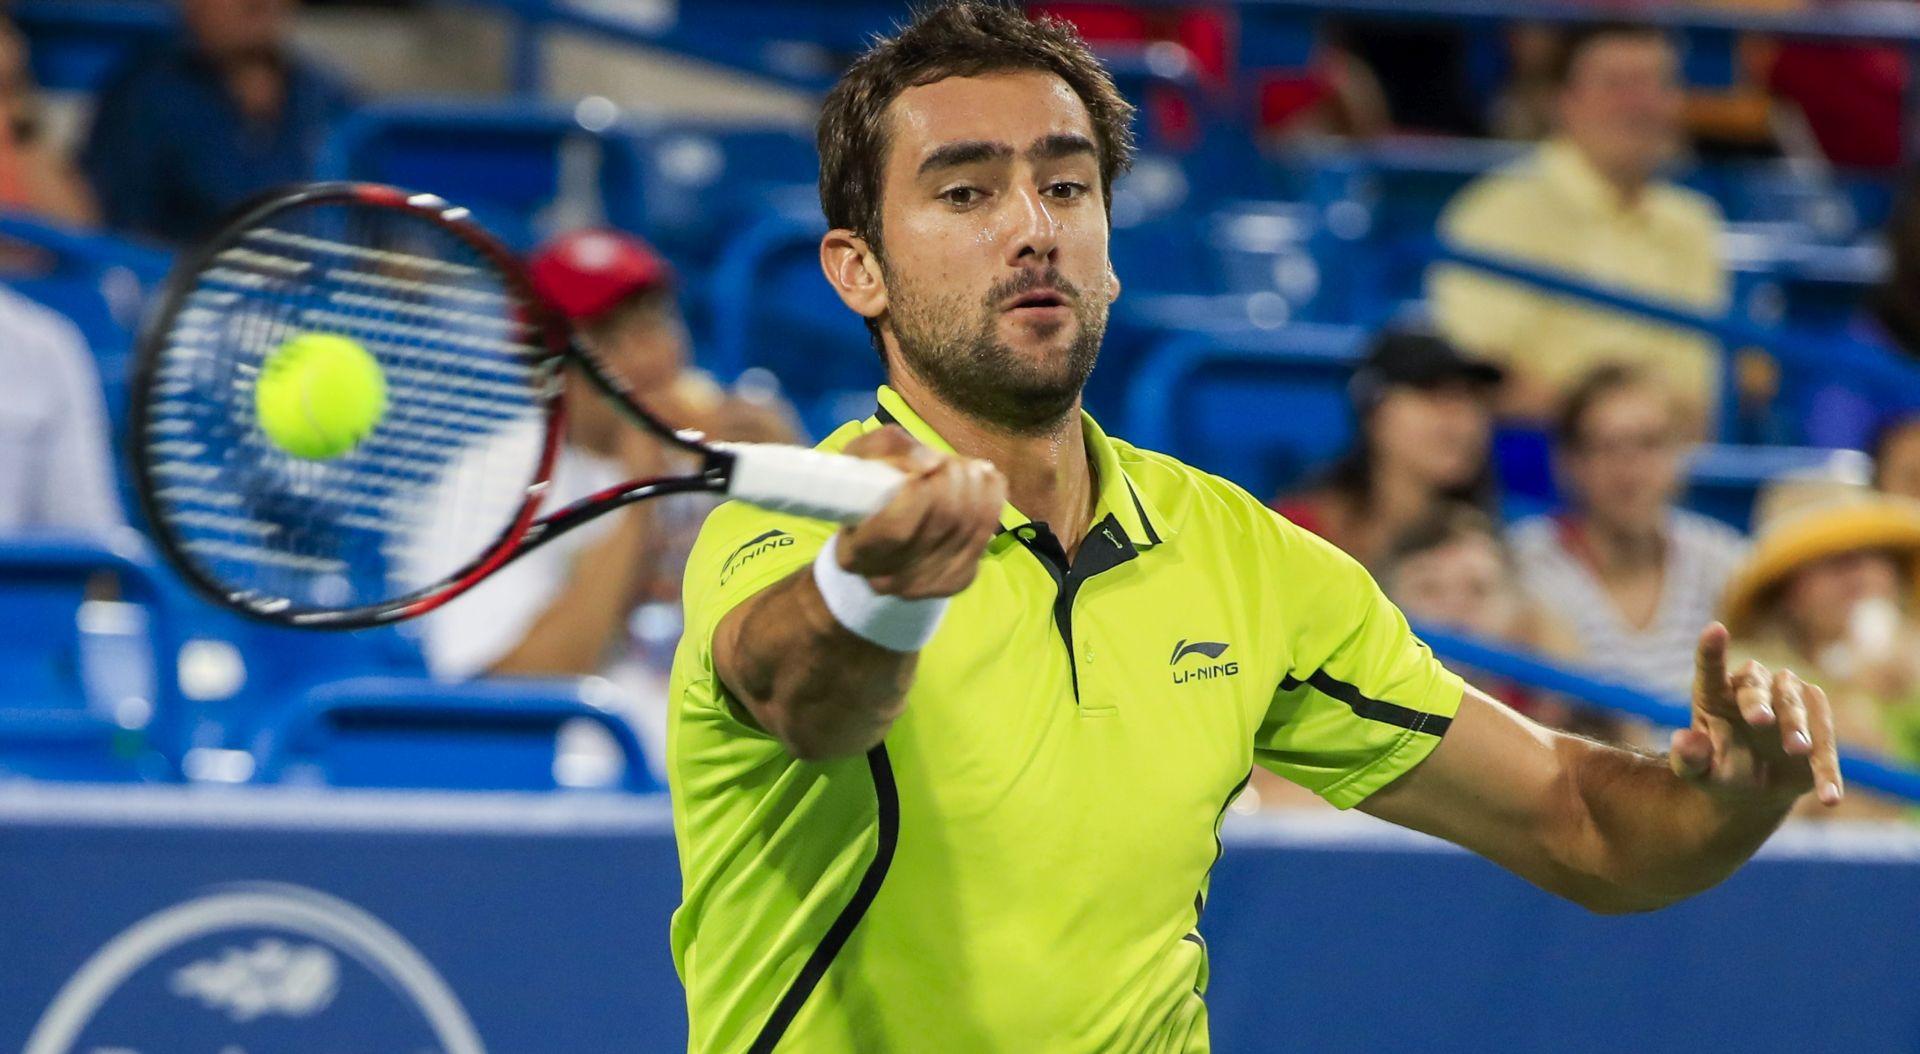 ATP CINCINNATI Čilić u finalu, za naslov protiv Murrayja